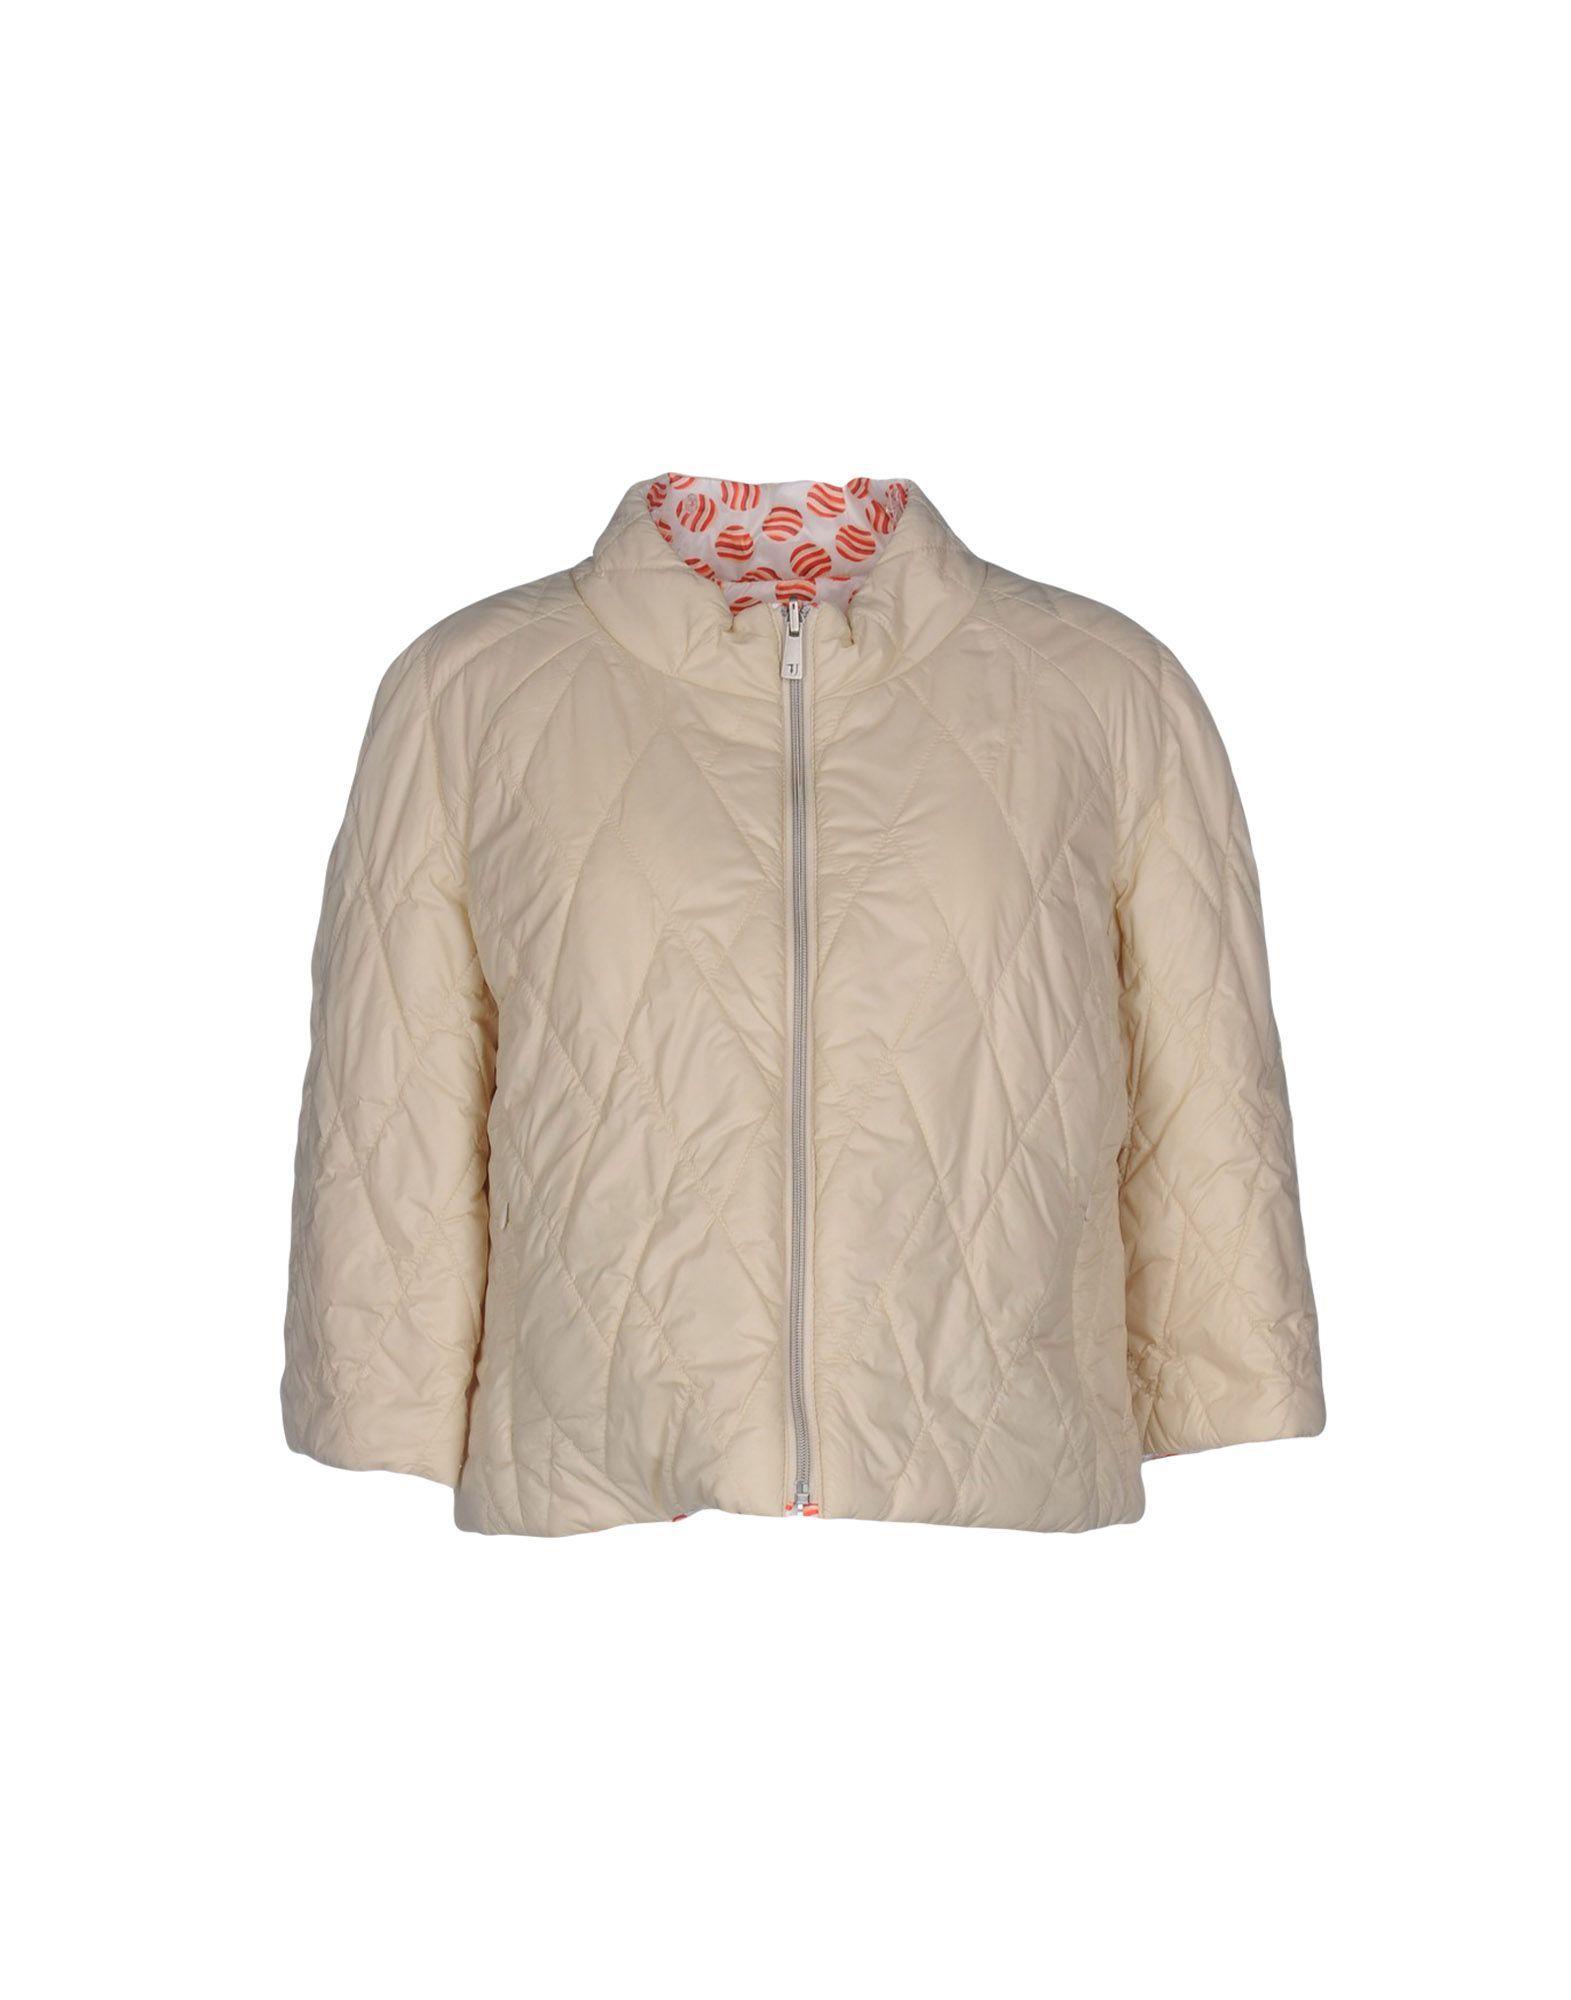 Tru Trussardi Beige Techno Fabric Quilted Jacket